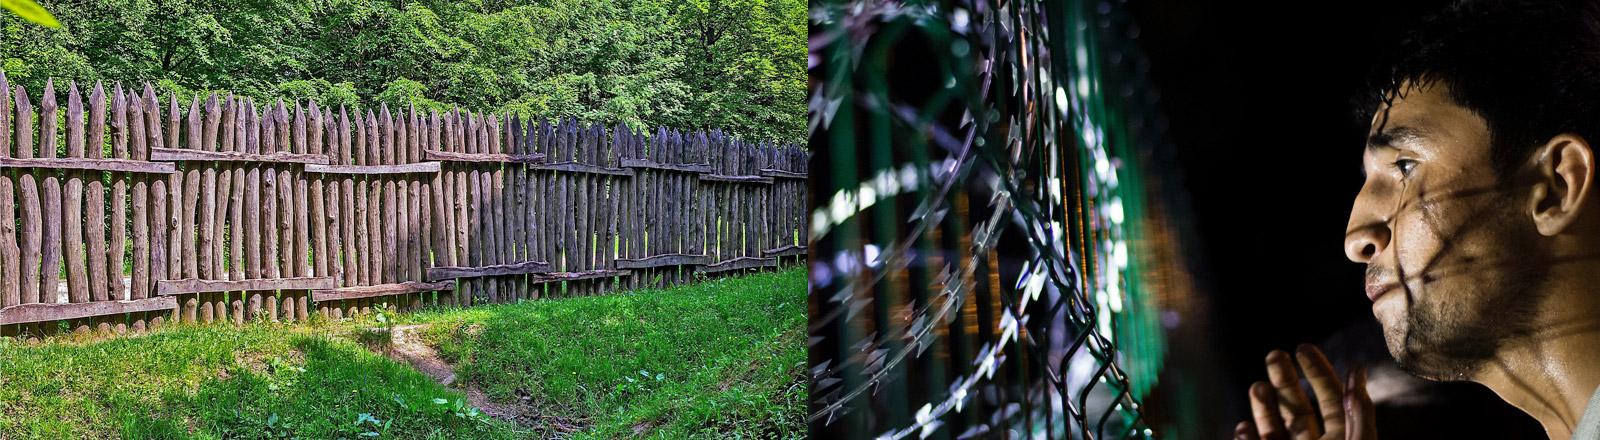 Nachgebaute Limes-Grenze, ein Flüchtling vor dem Zaun Ungarns